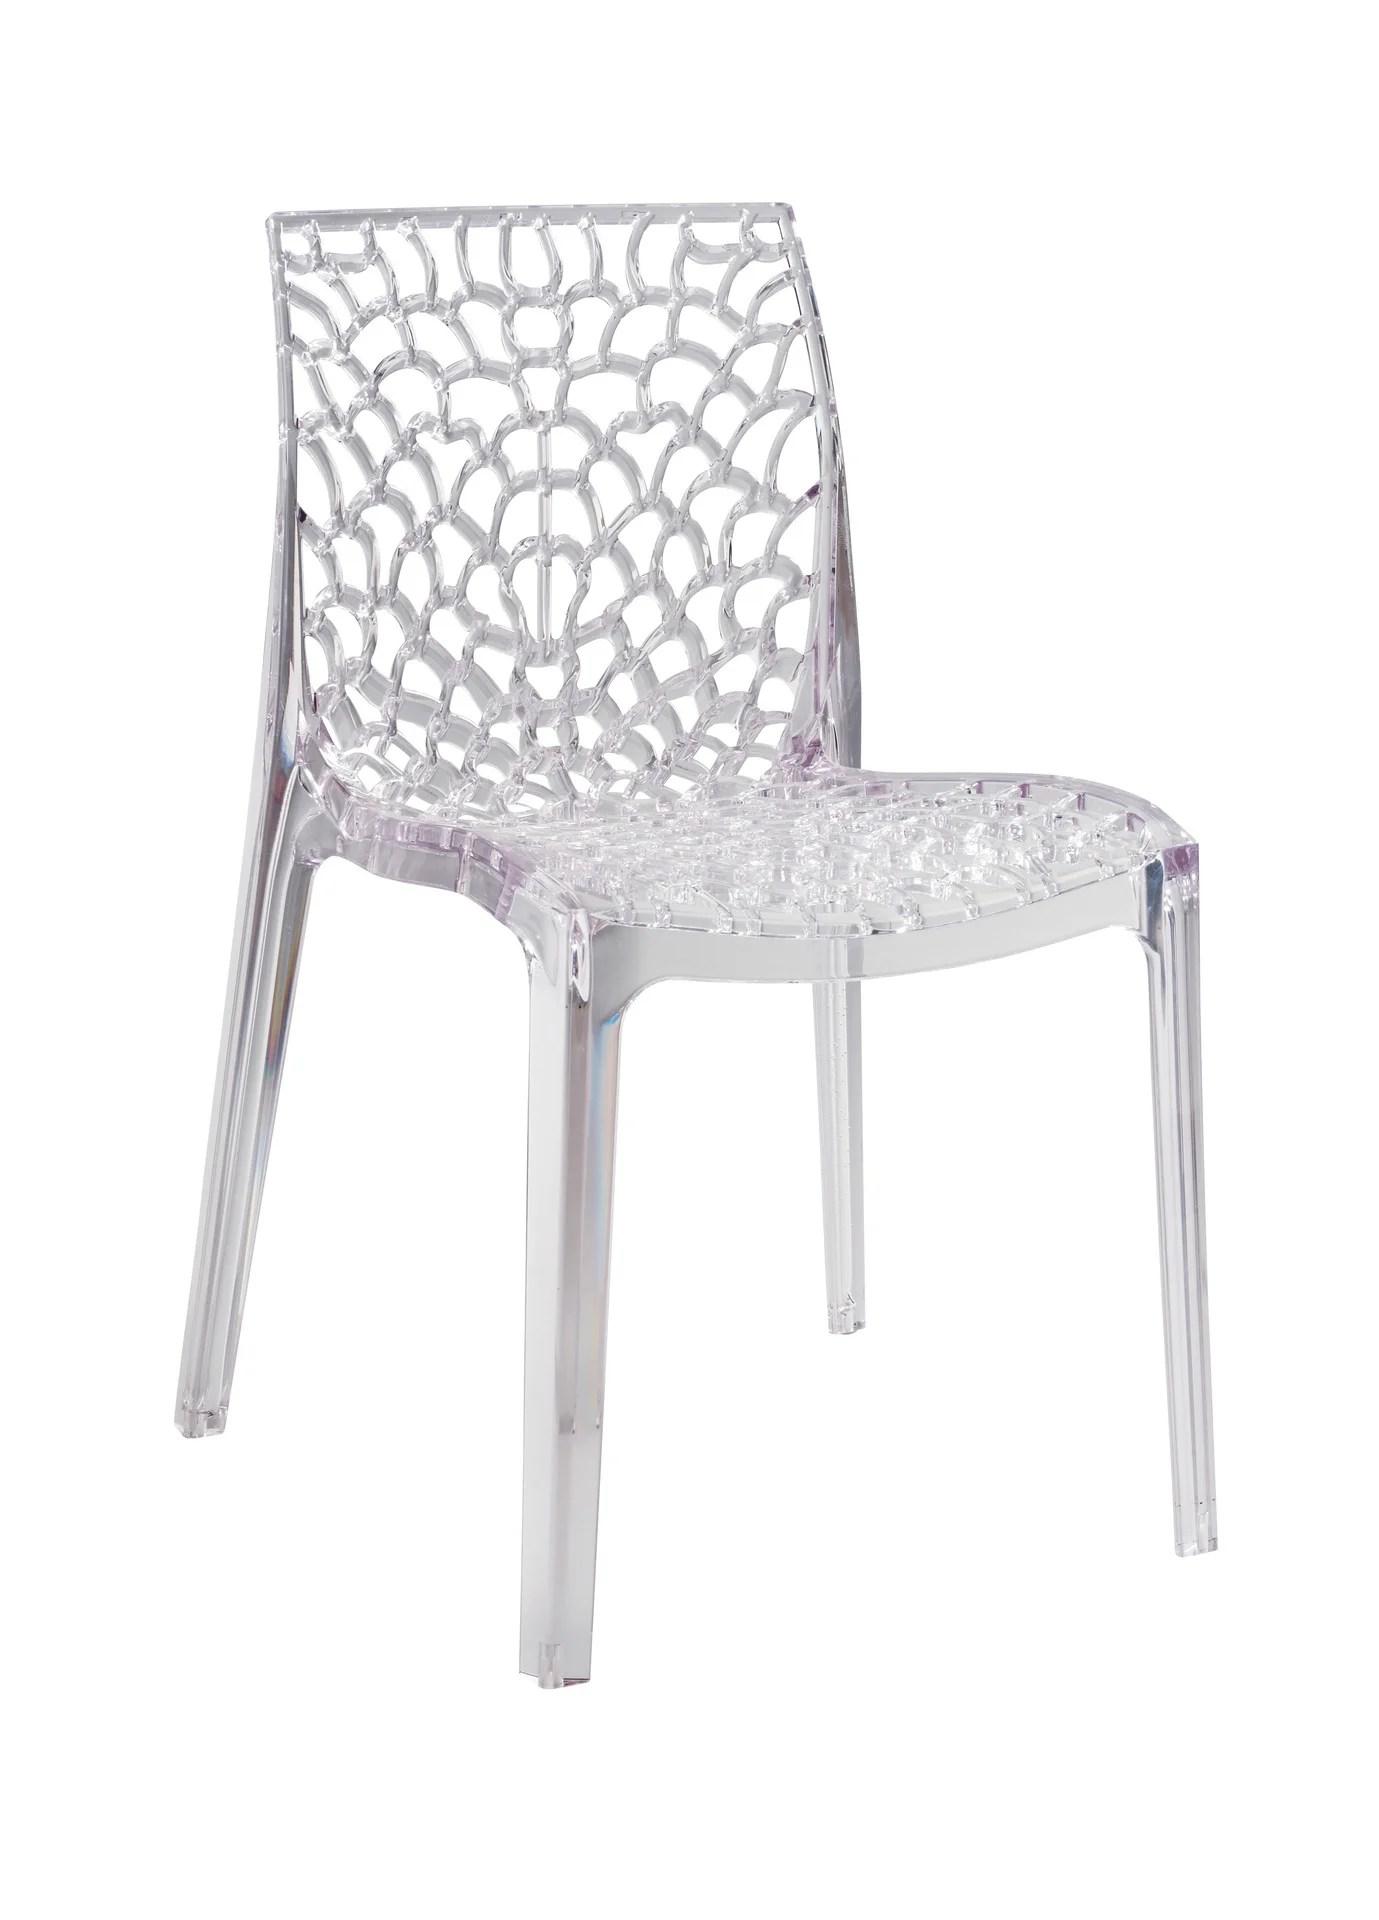 chaise de jardin en polycarbonate grafik transparent